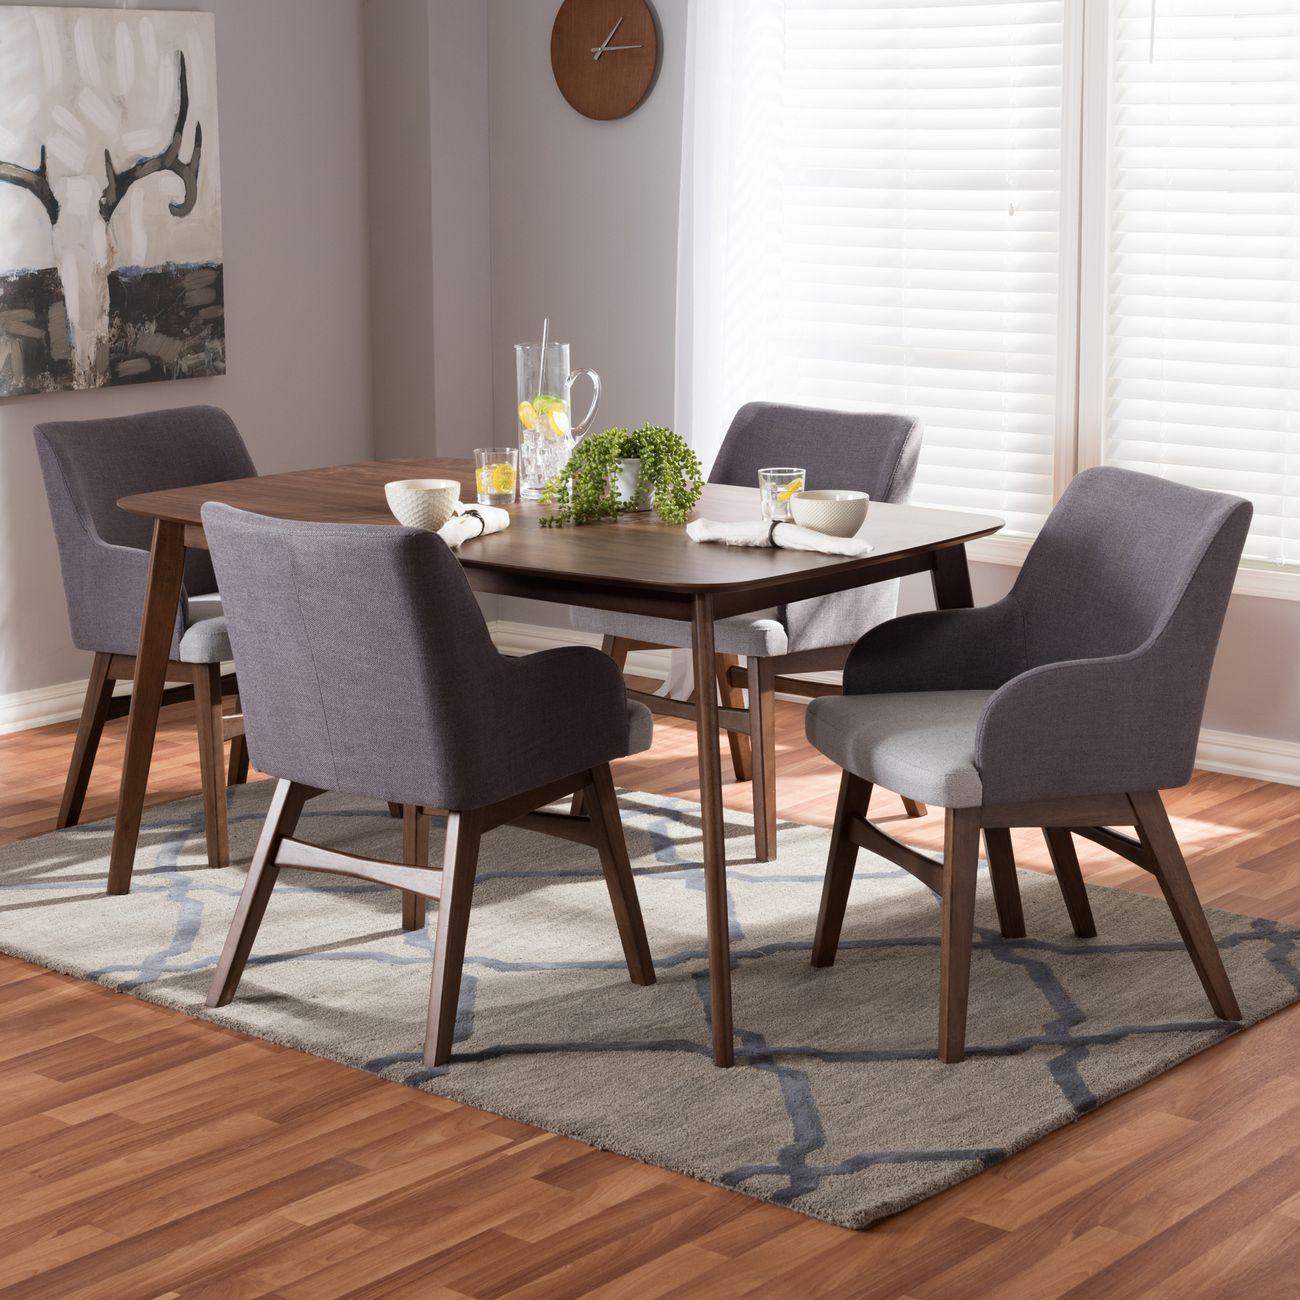 Baxton Studio Monte Mid Century Modern Walnut Wood Rectangular 5 Piece Dining Set Monte Dark Grey 5pc Dining Set